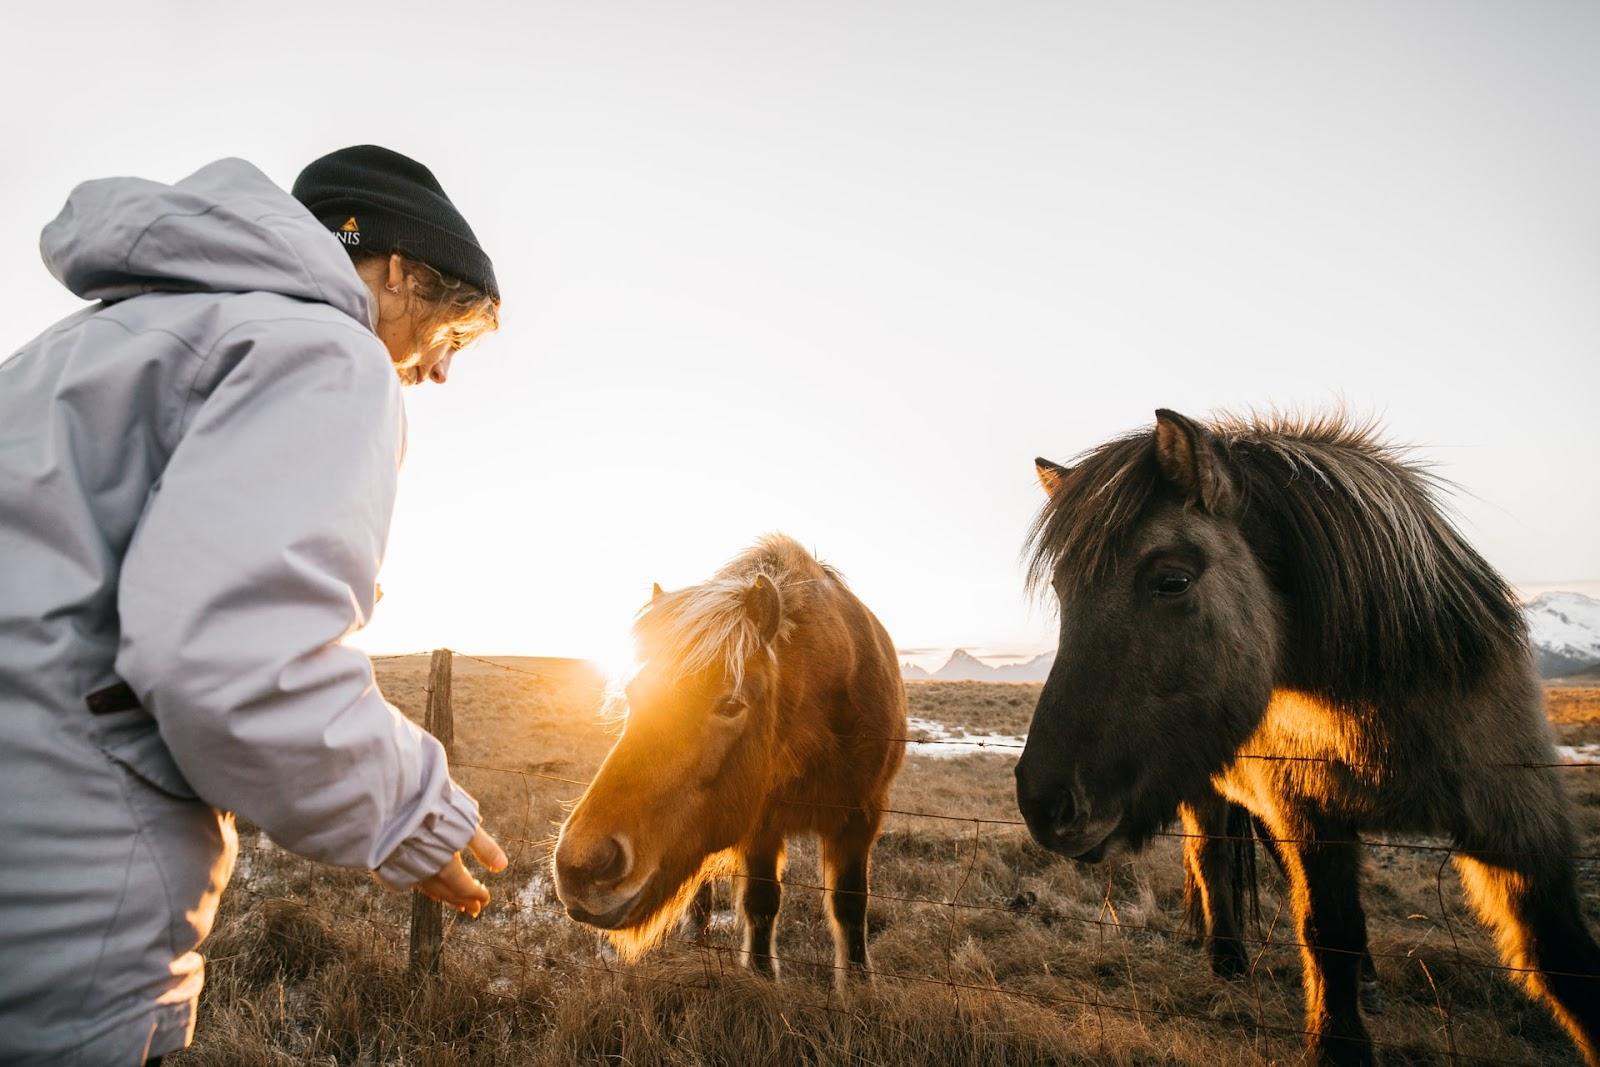 Girl feeding 2 horses